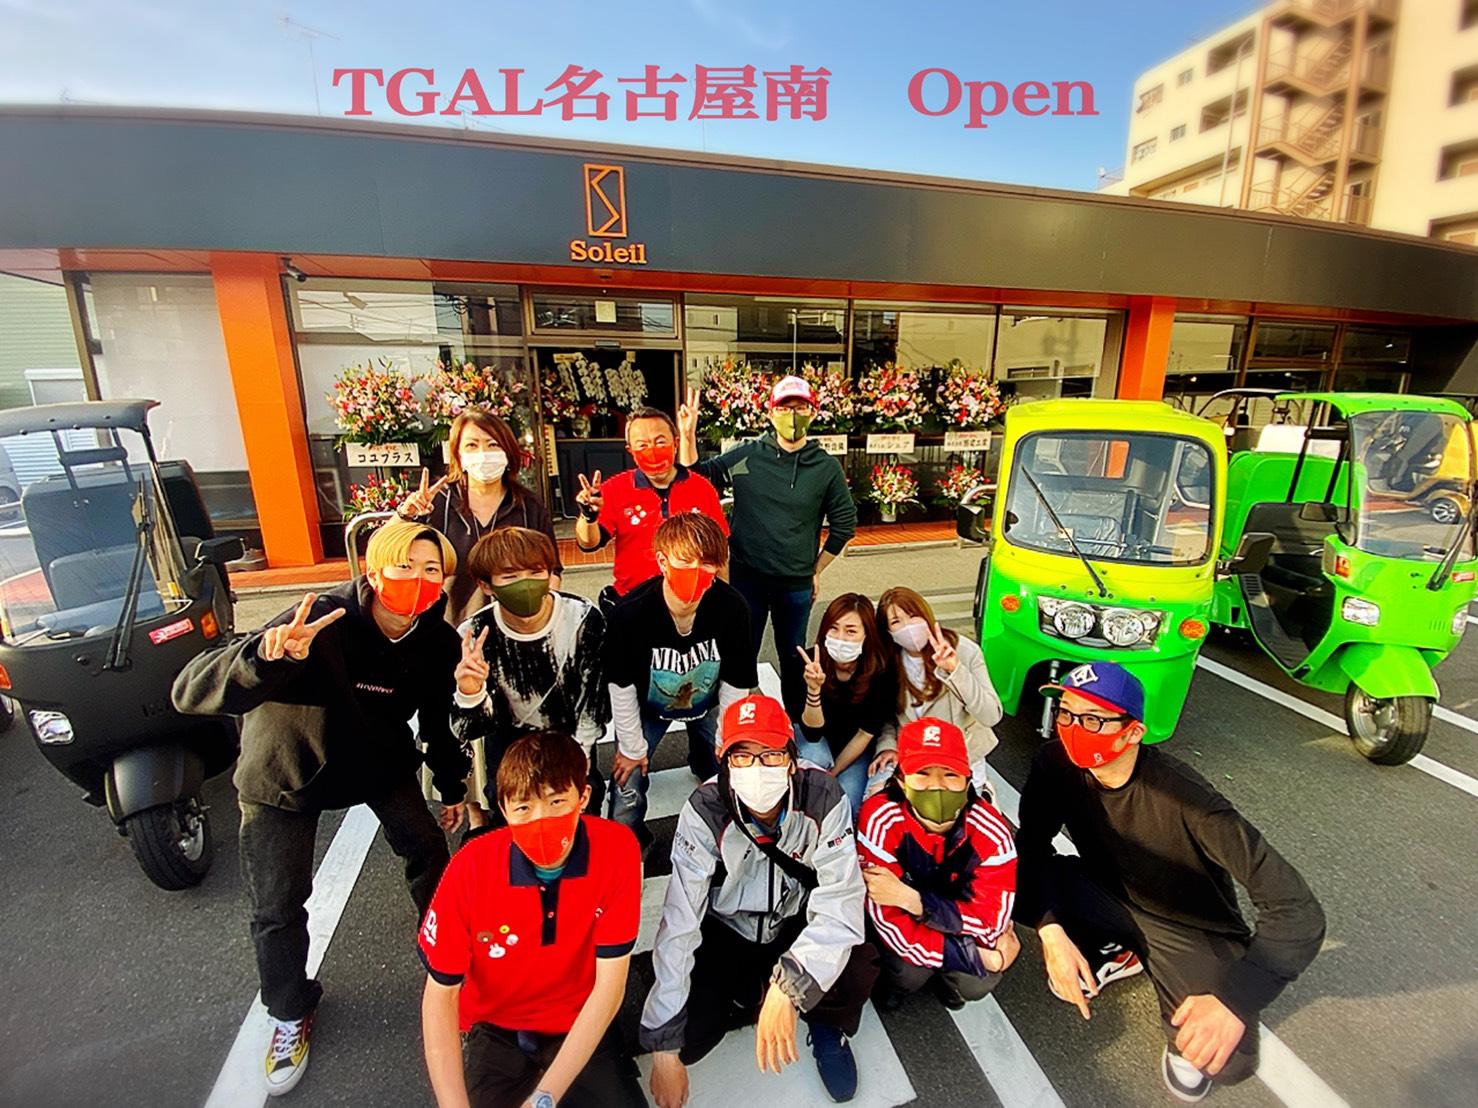 【新店舗】TGALデリバリー名古屋南店が3月31日にオープン致しました。